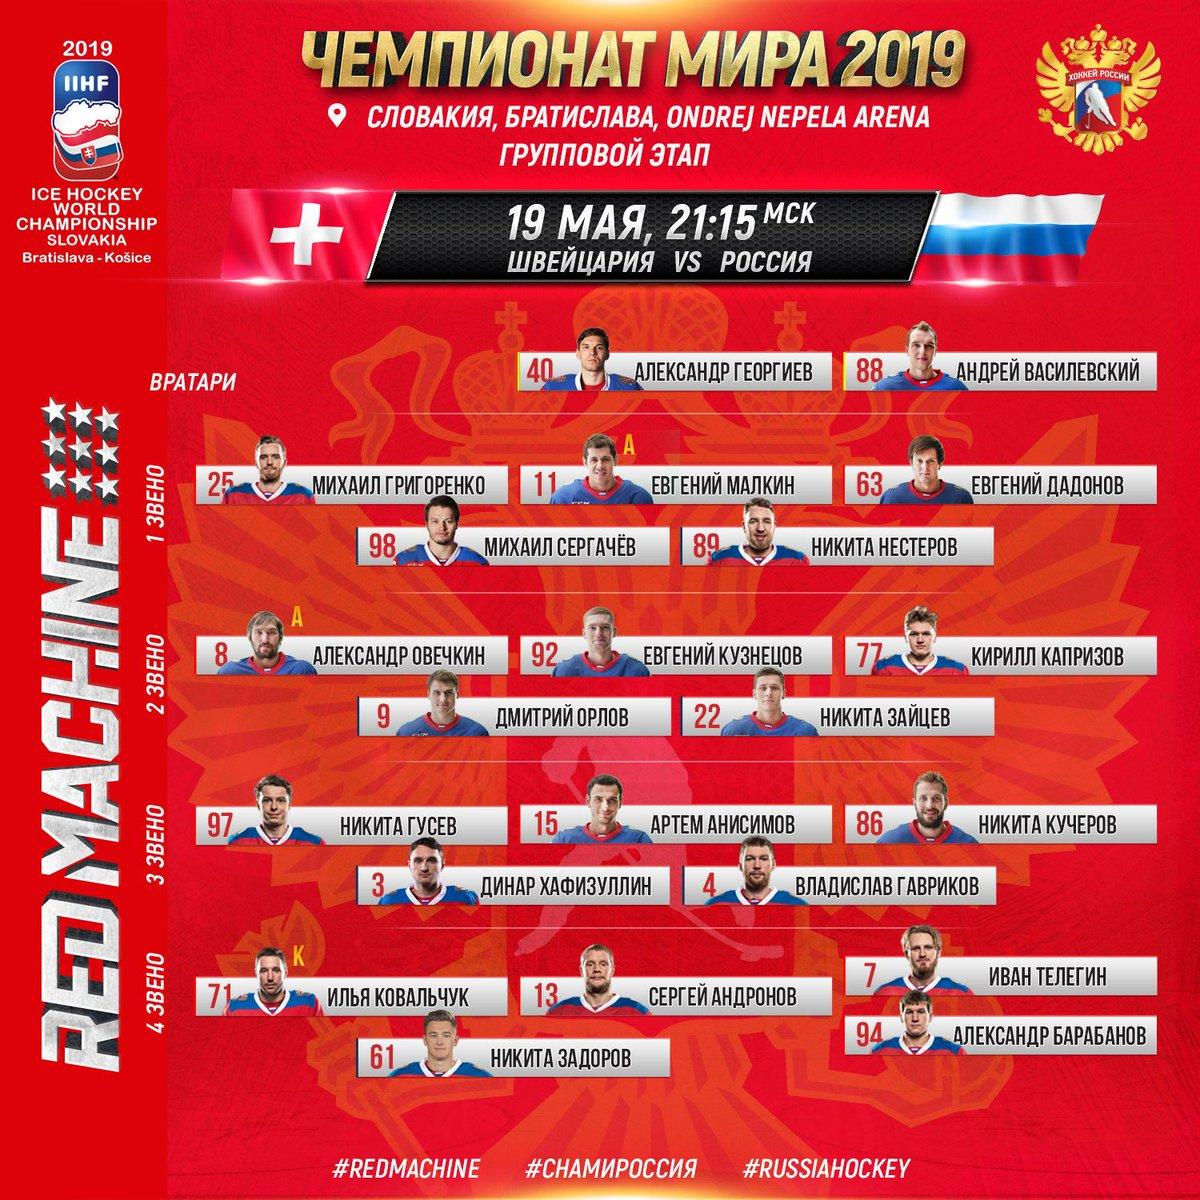 Состав сборной России на матч ЧМ по хоккею-2019 со Швейцарией